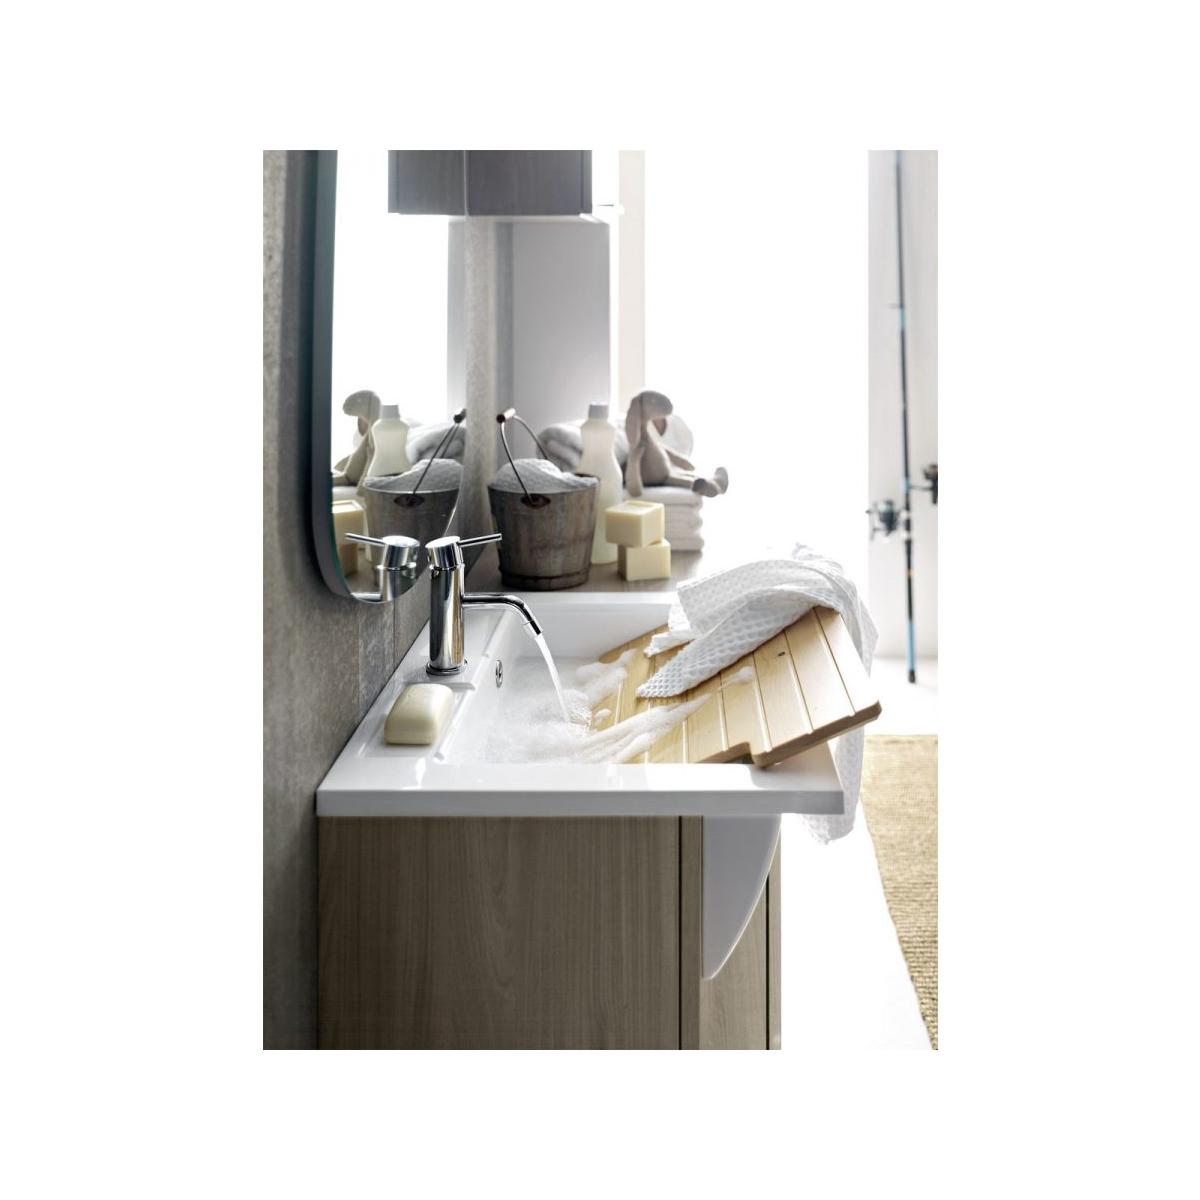 Mobili Arredo Bagno Con Lavatrice.Arbi Arredobagno Composizione Bagno Lavanderia Con Mobile Sospeso